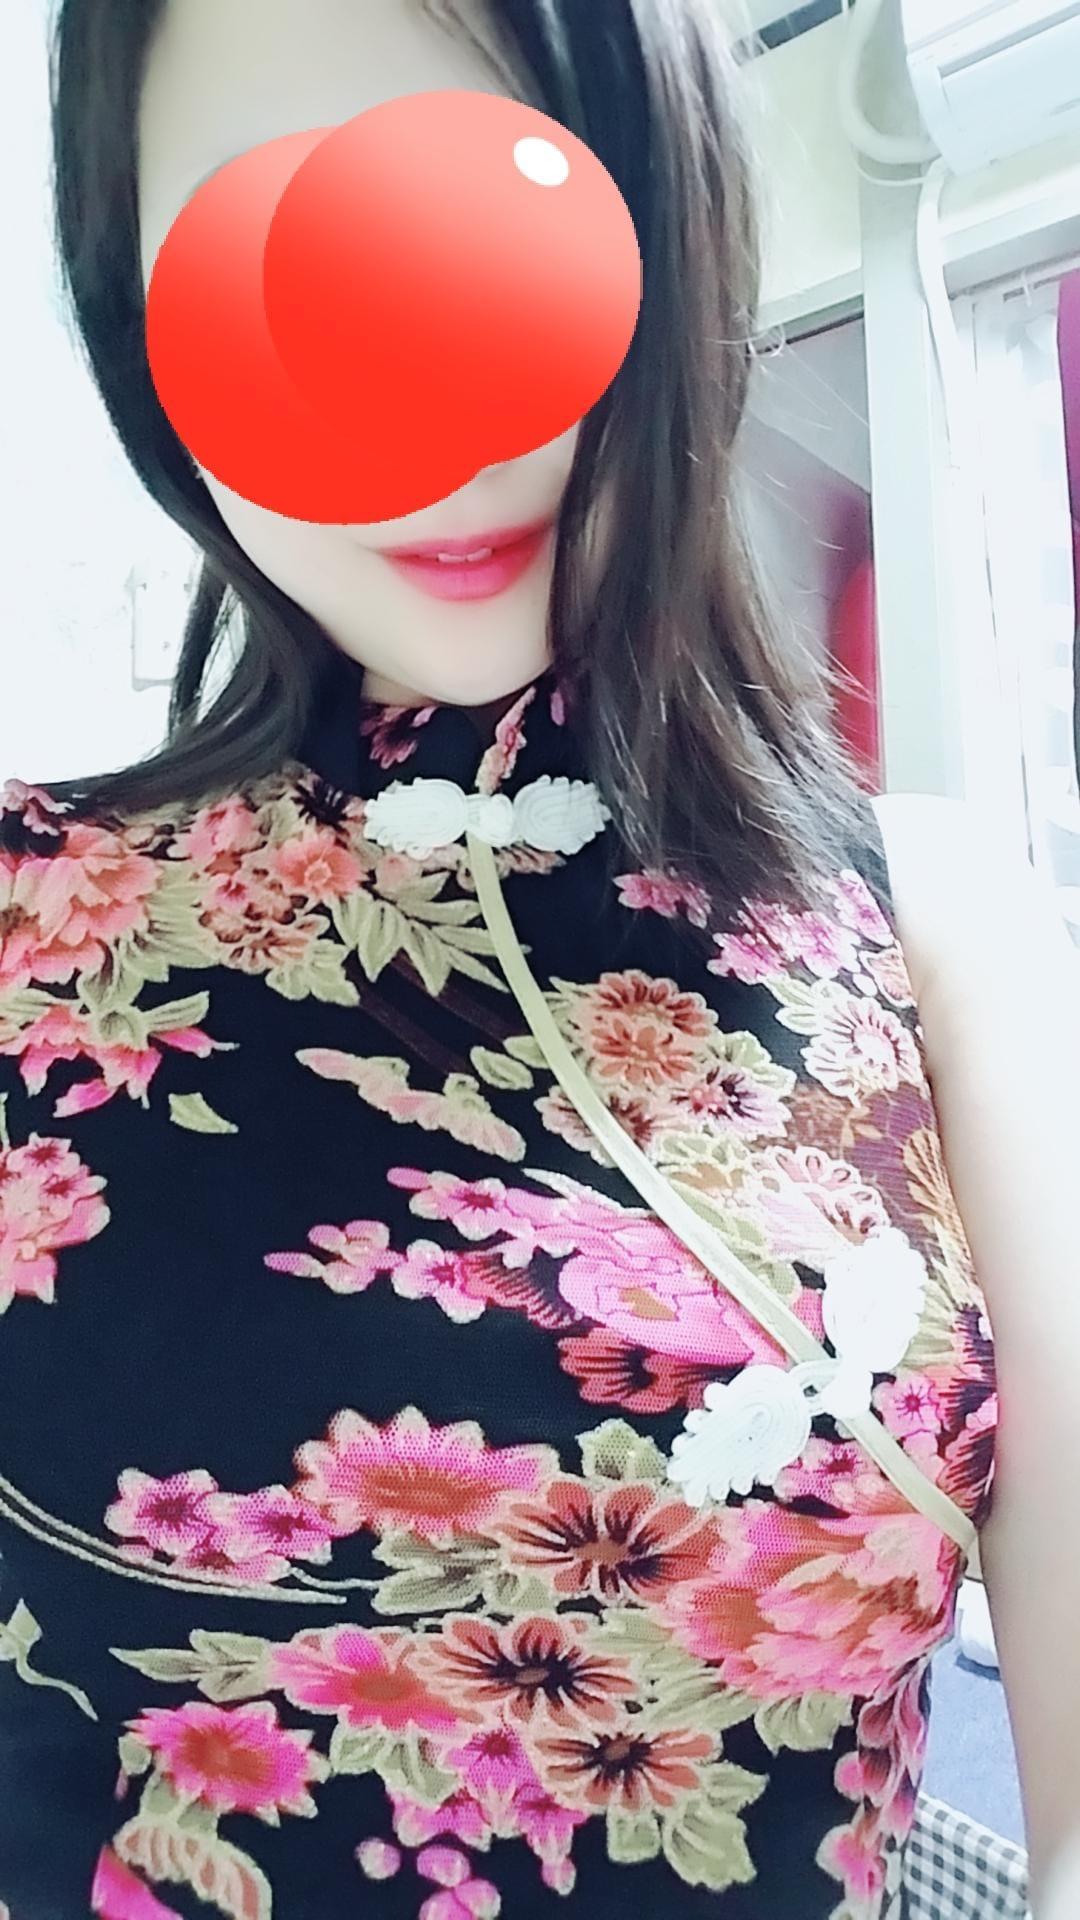 「♥ミカド♥」12/16(日) 05:28 | ゆめかの写メ・風俗動画